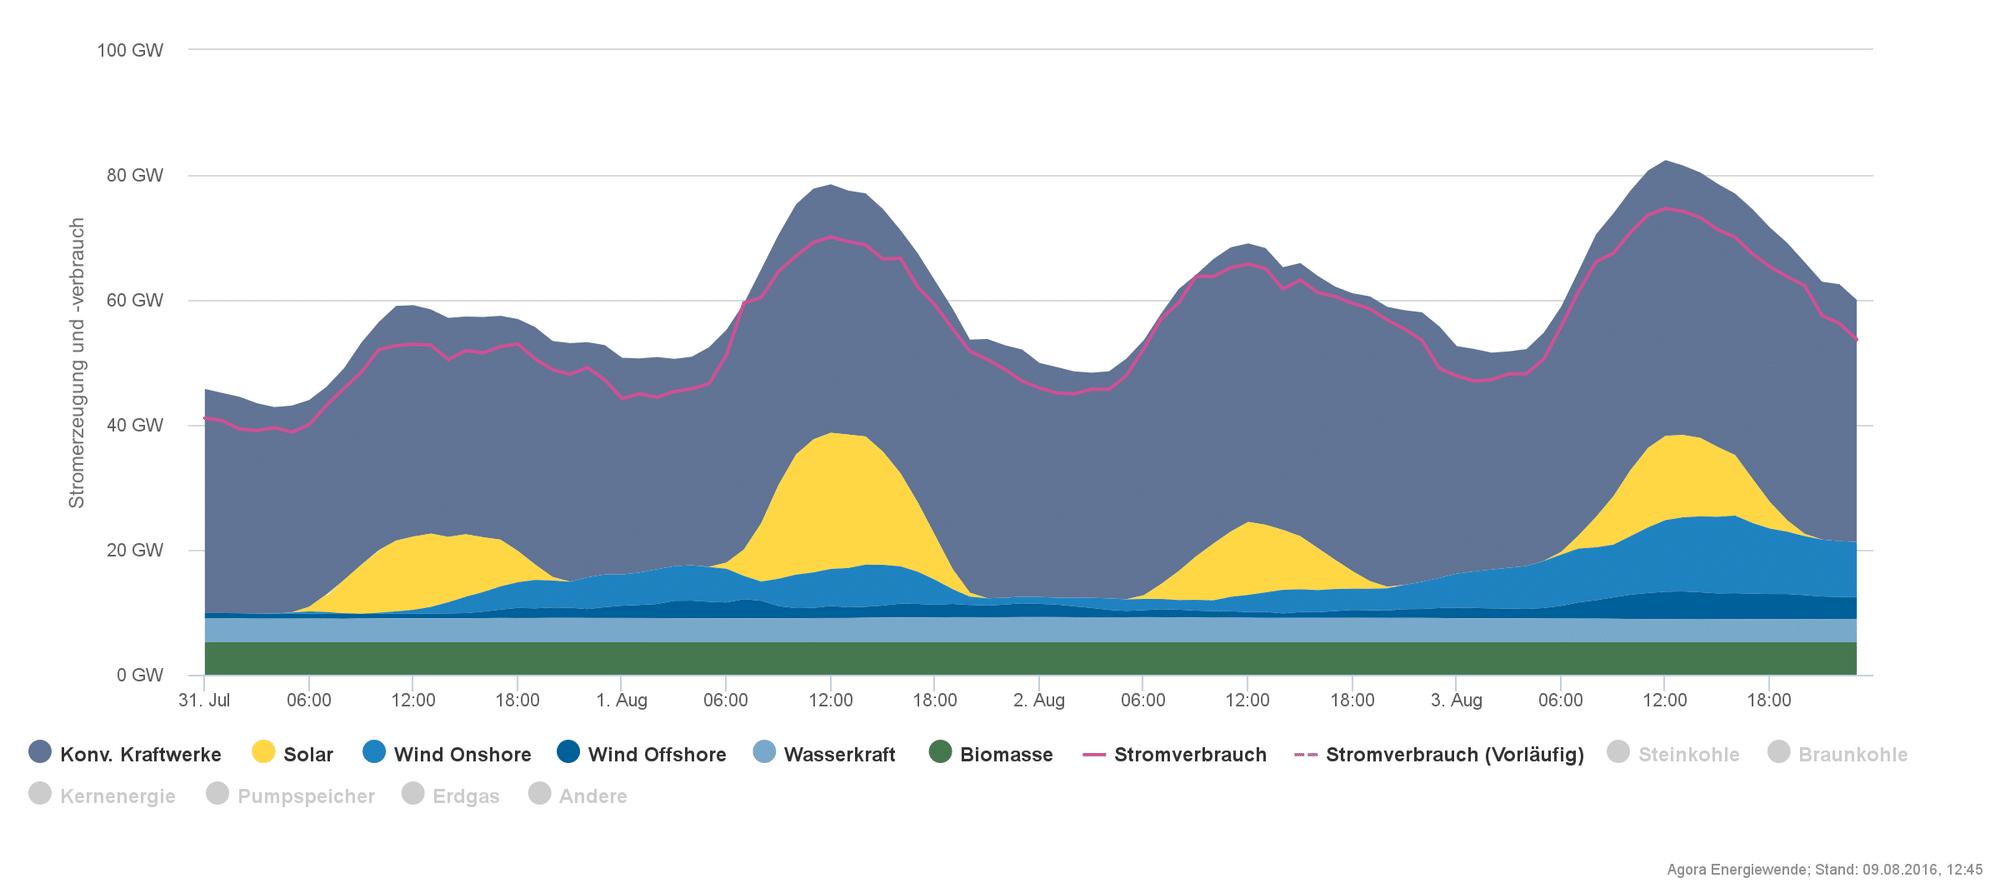 Stromerzeugung und Stromverbrauch